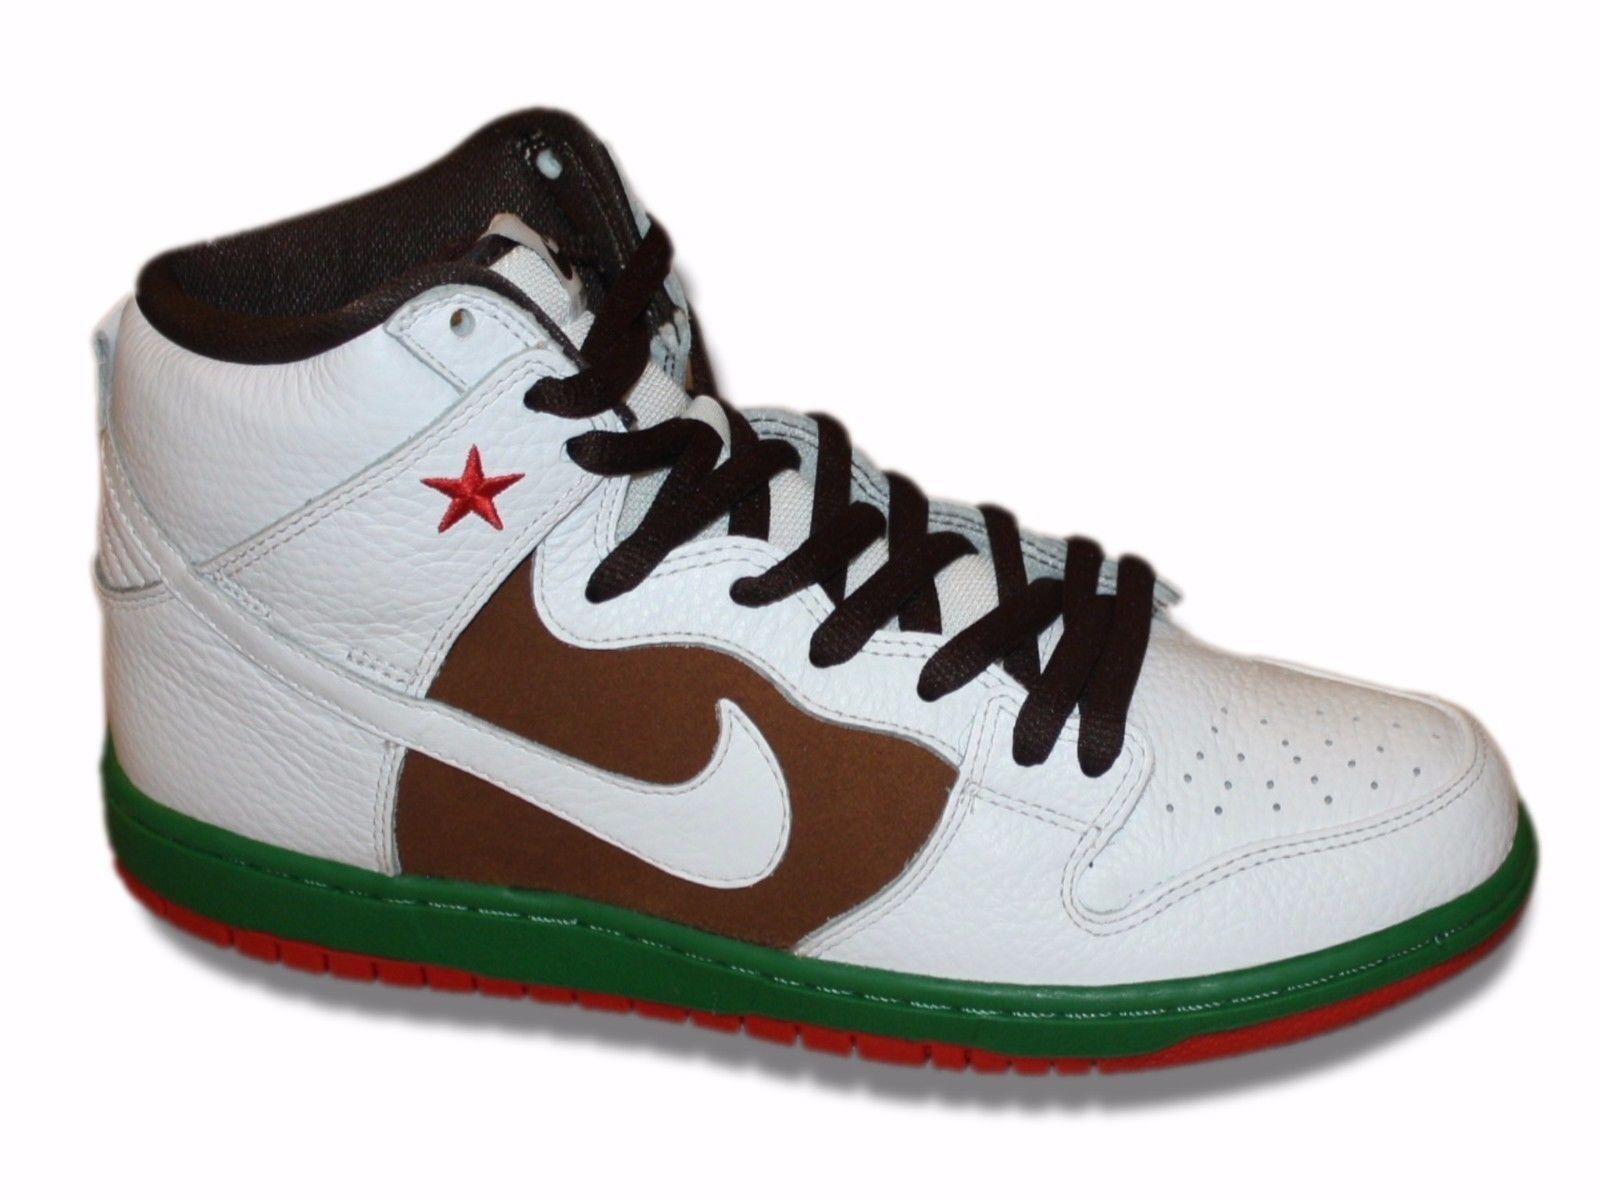 2018 Nike Dunk SB alto PRM 31 31 31 Estado Cali 313171-201 comodo y atractivo 412f01